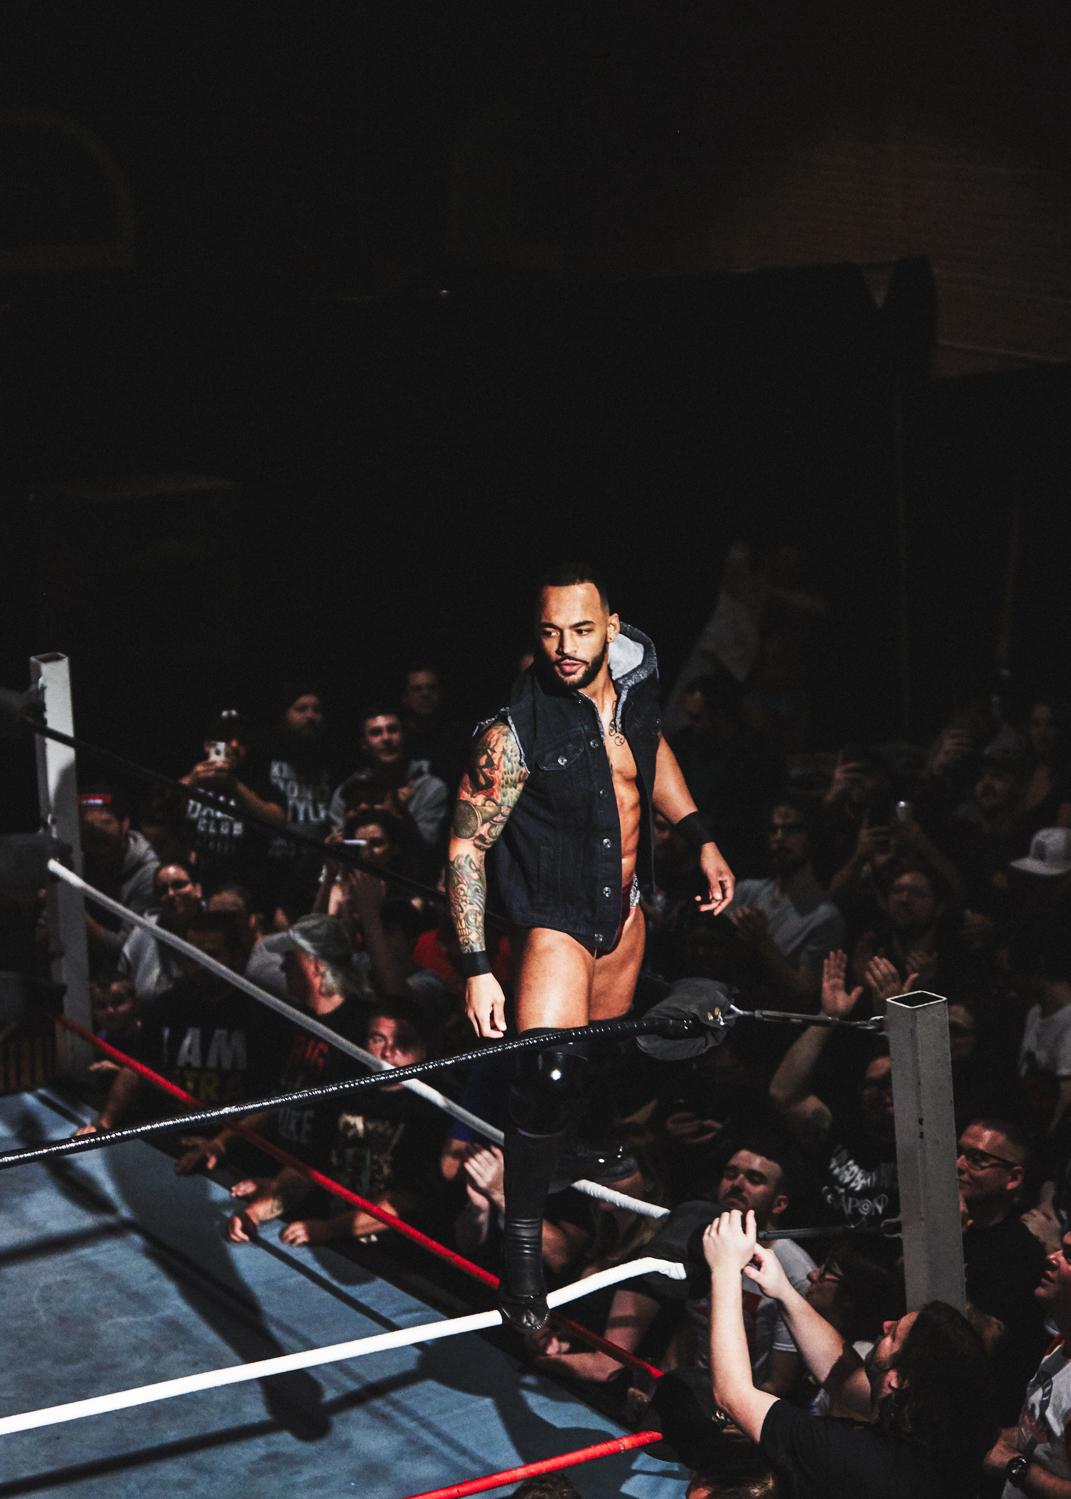 wrestling_6.jpg